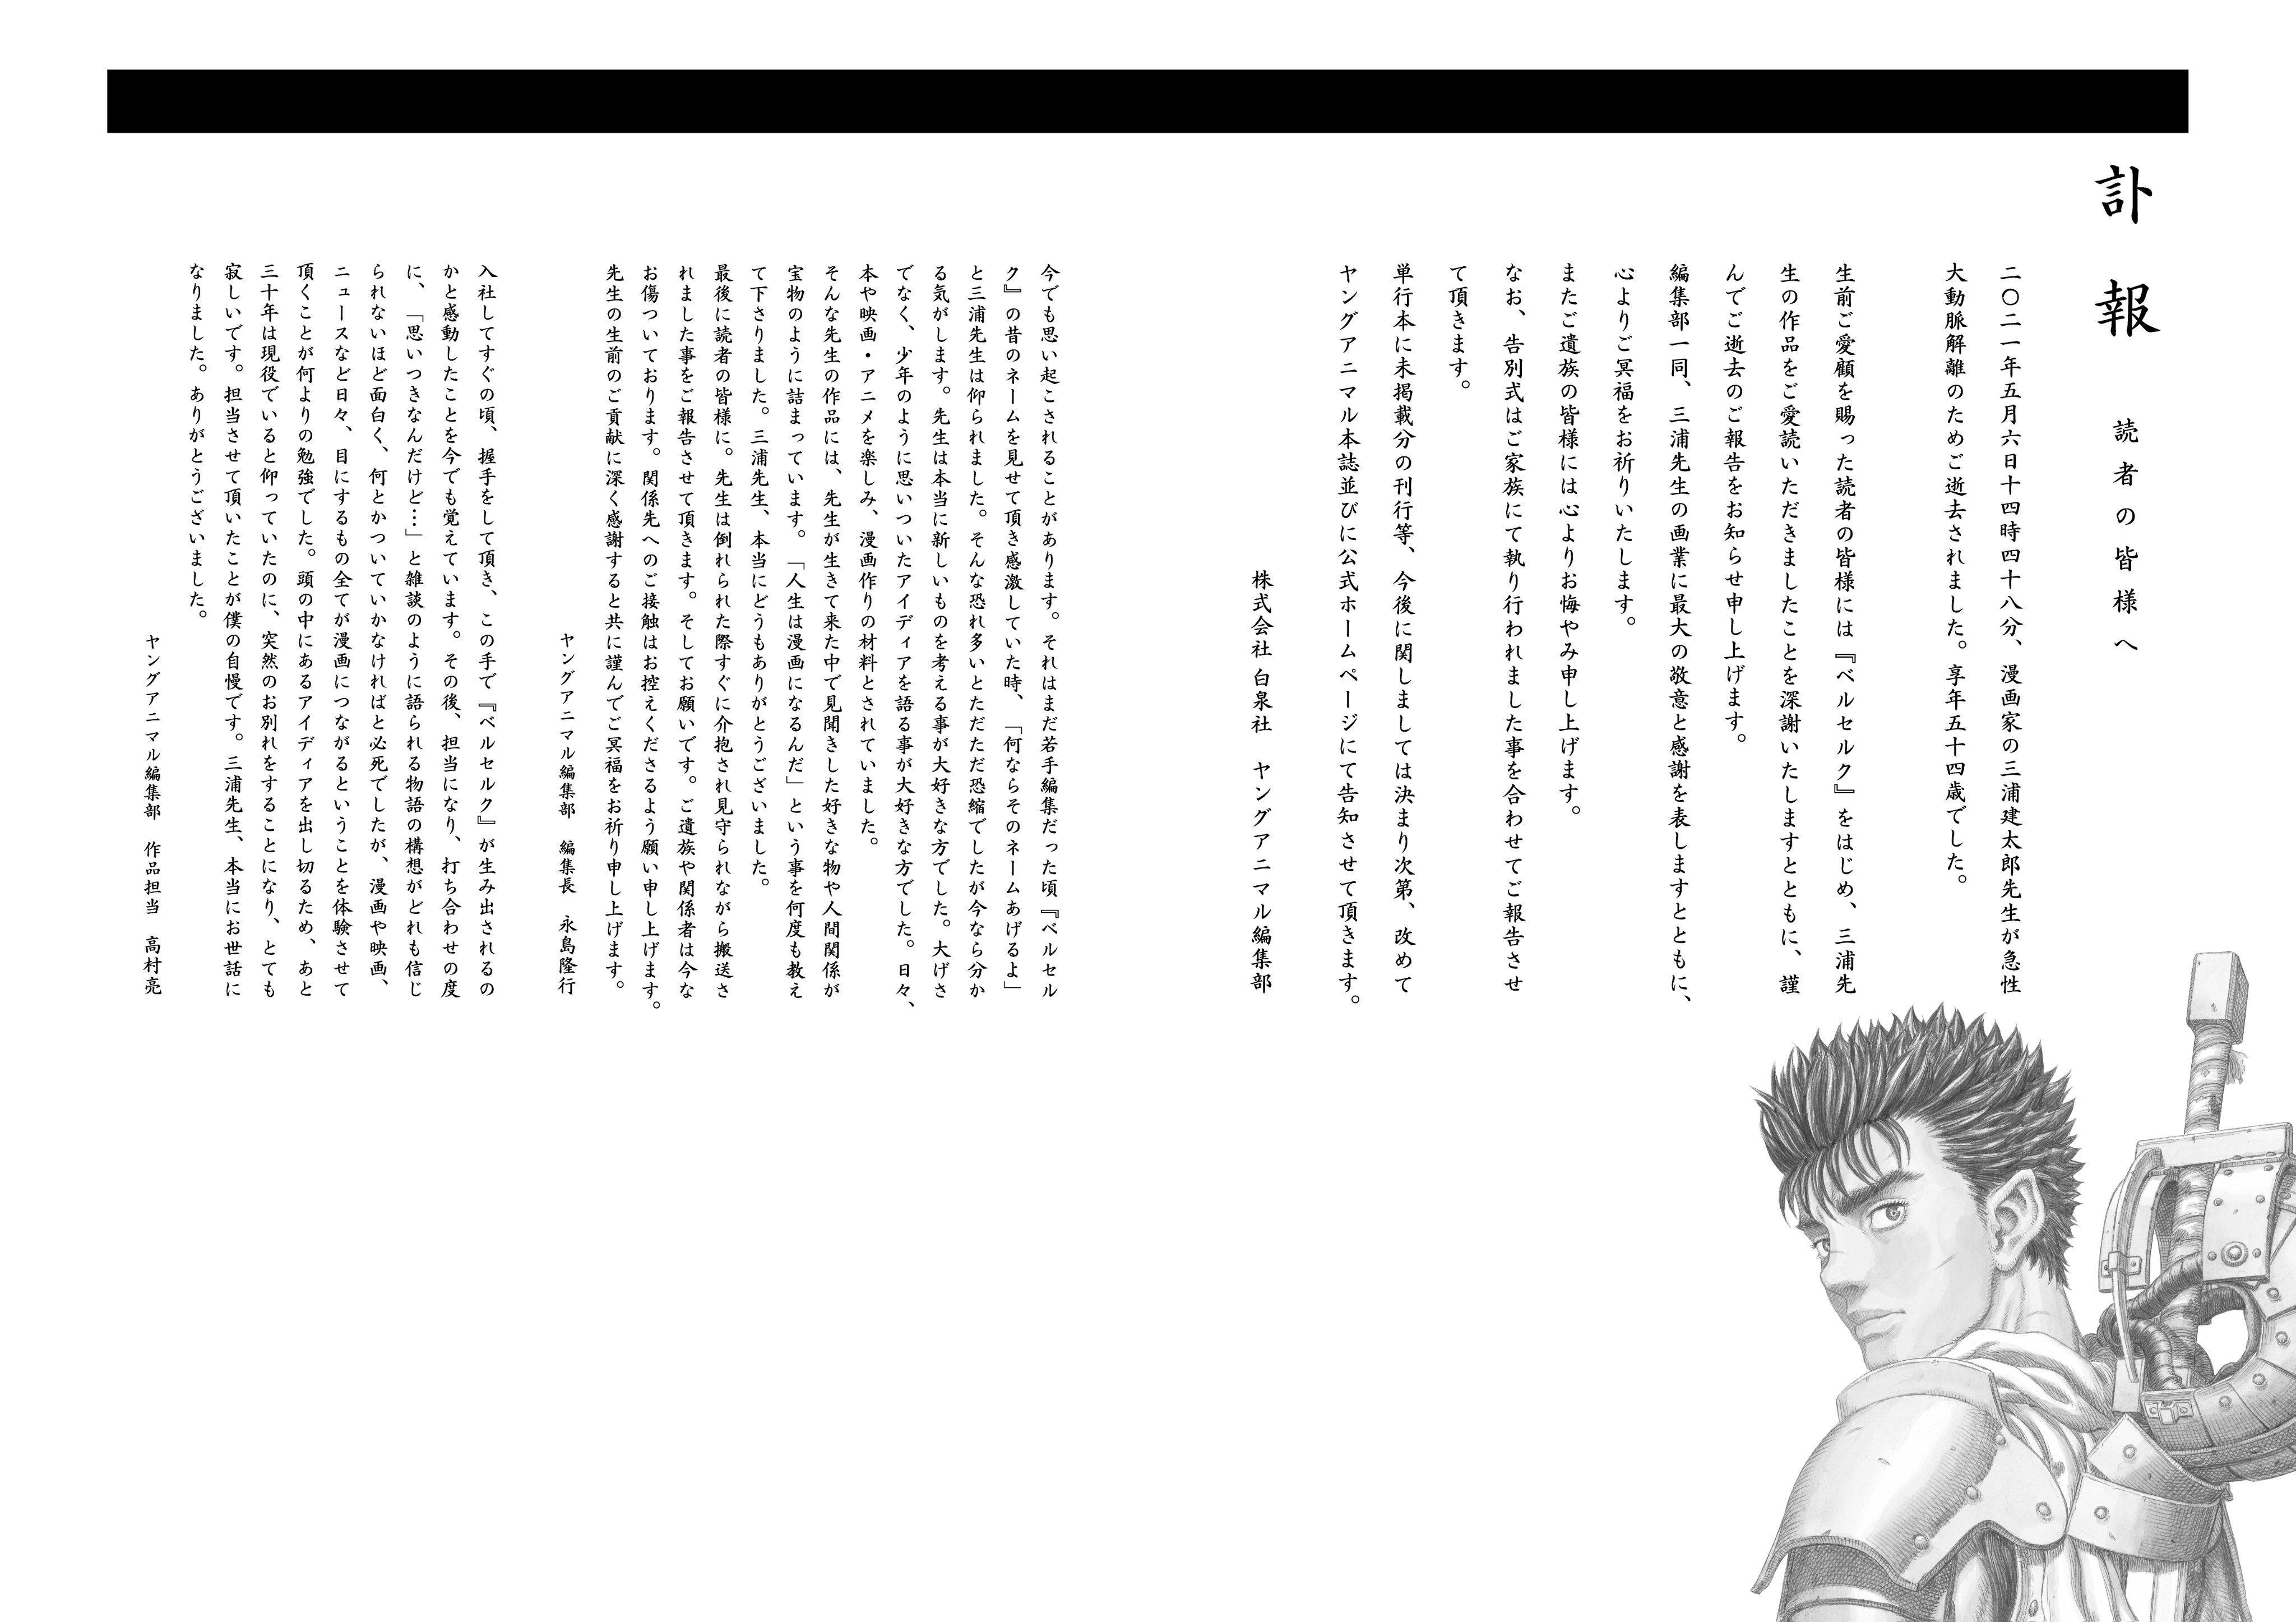 【讣告】漫画《剑风传奇》作者,漫画家三浦建太郎去世,终年54岁